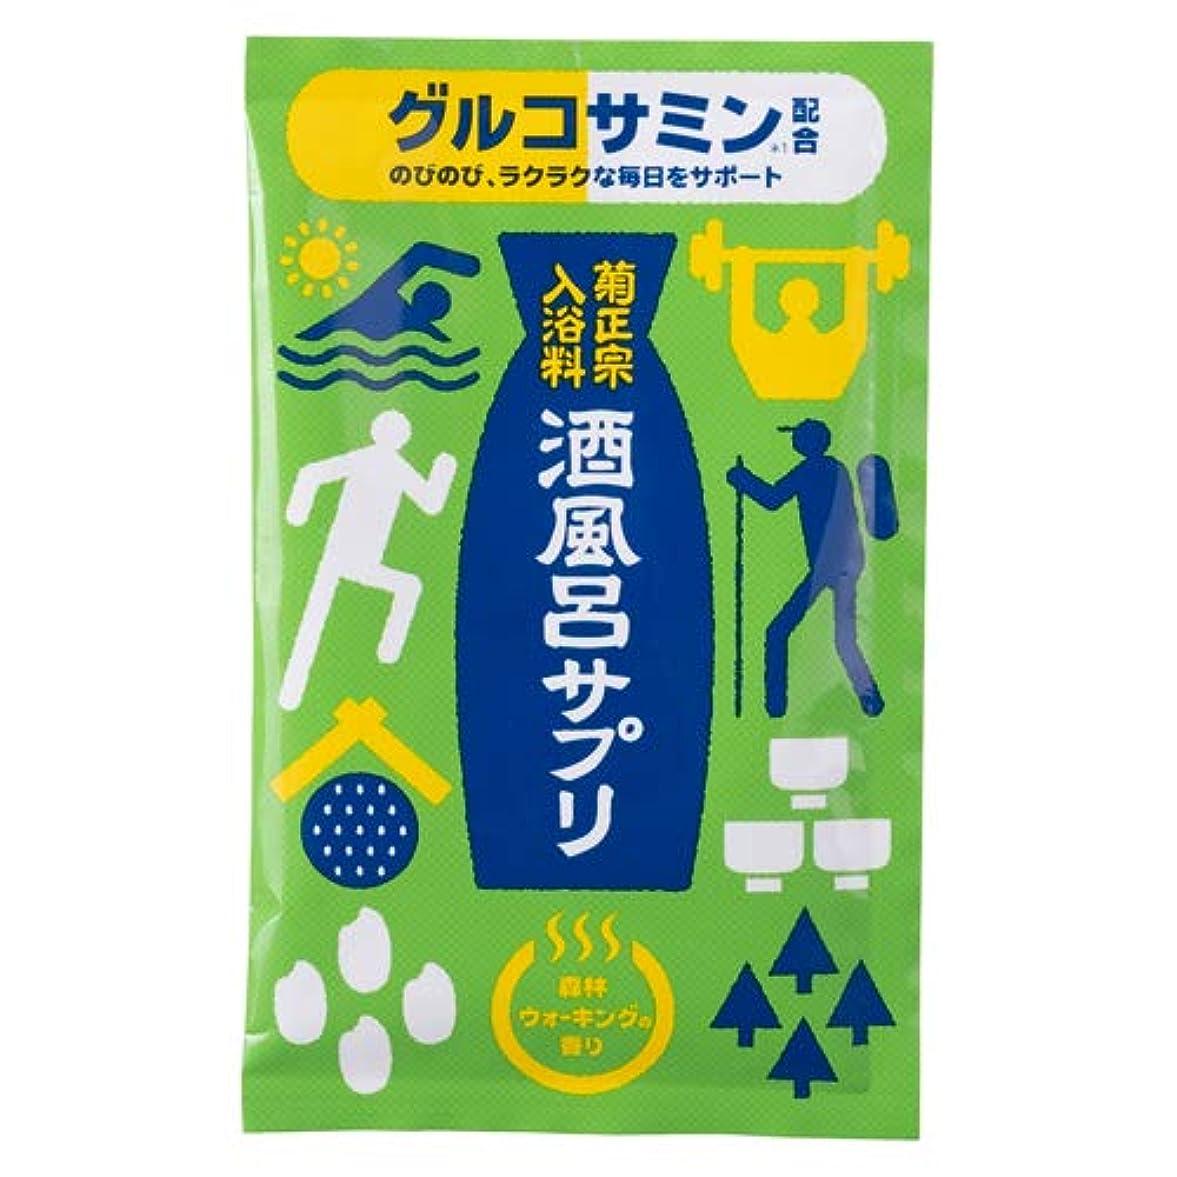 蒸発する商業の順番菊正宗 入浴料 酒風呂サプリ グルコサミン